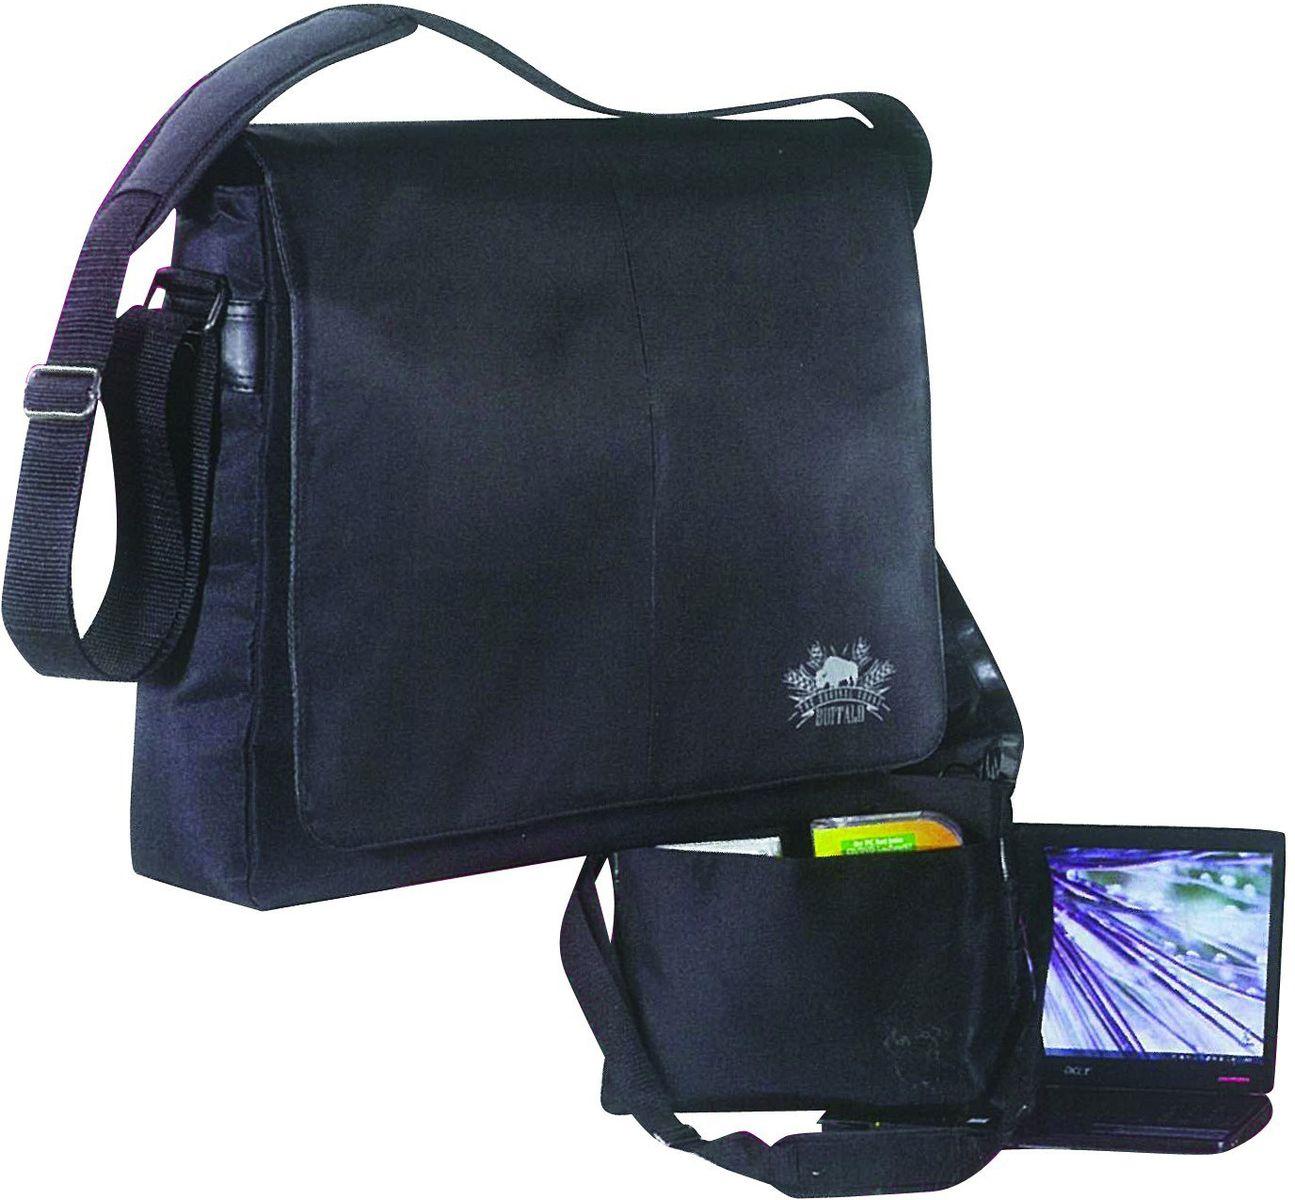 21382 Τσάντα για laptop 15 inch Διαστάσεις 30x43x8εκ NEXT τσάντες laptop   ώμου χειρός